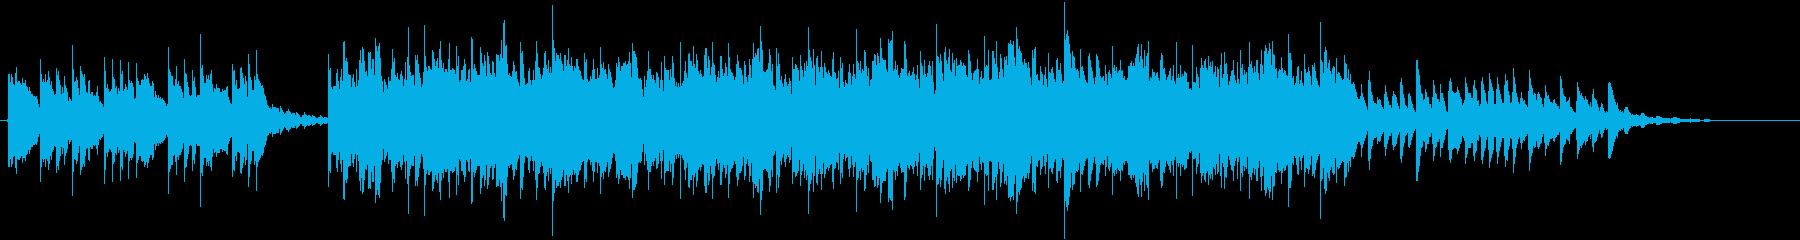 黄昏時の和の風景のイメージの再生済みの波形